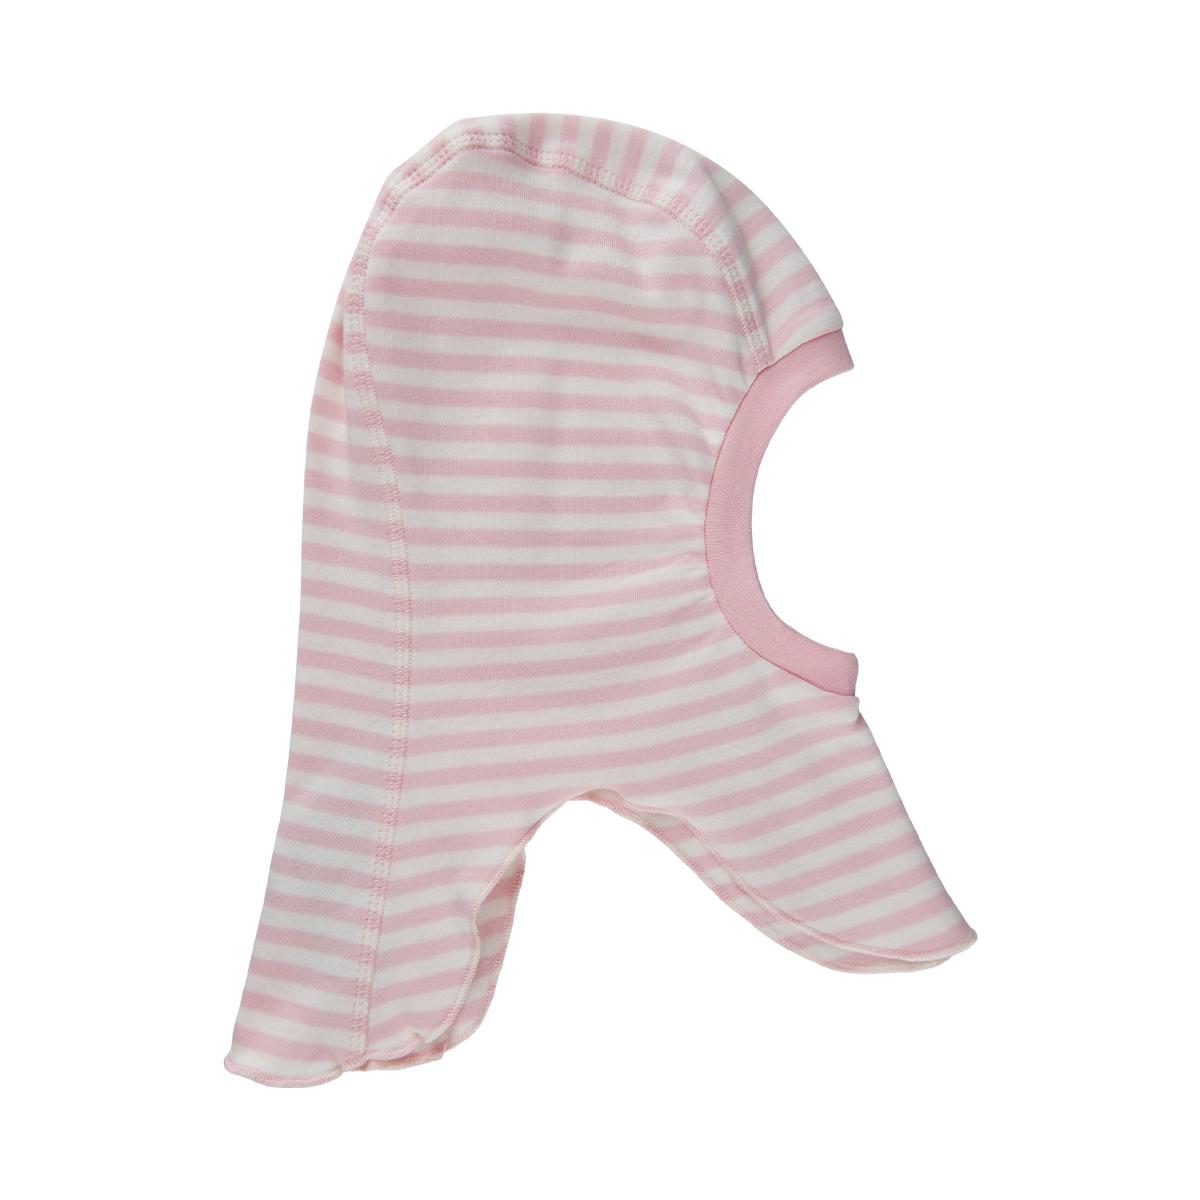 Fixoni kojenecká kukla  422022-6101